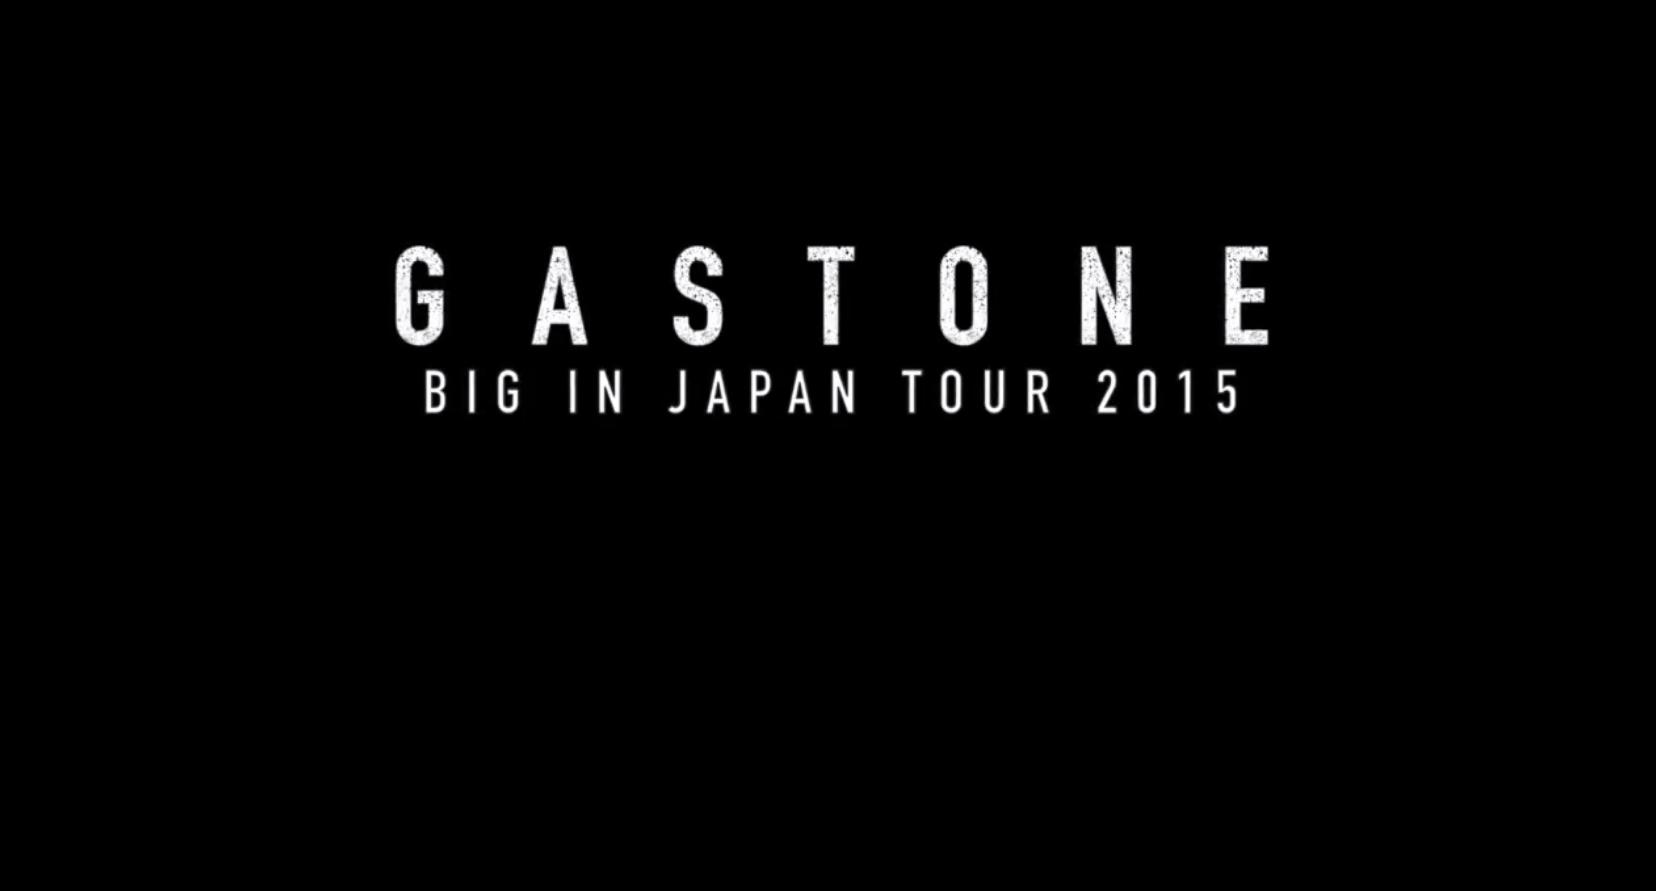 GASTONE JAPAN TOUR 2015 – LA FAMILIA